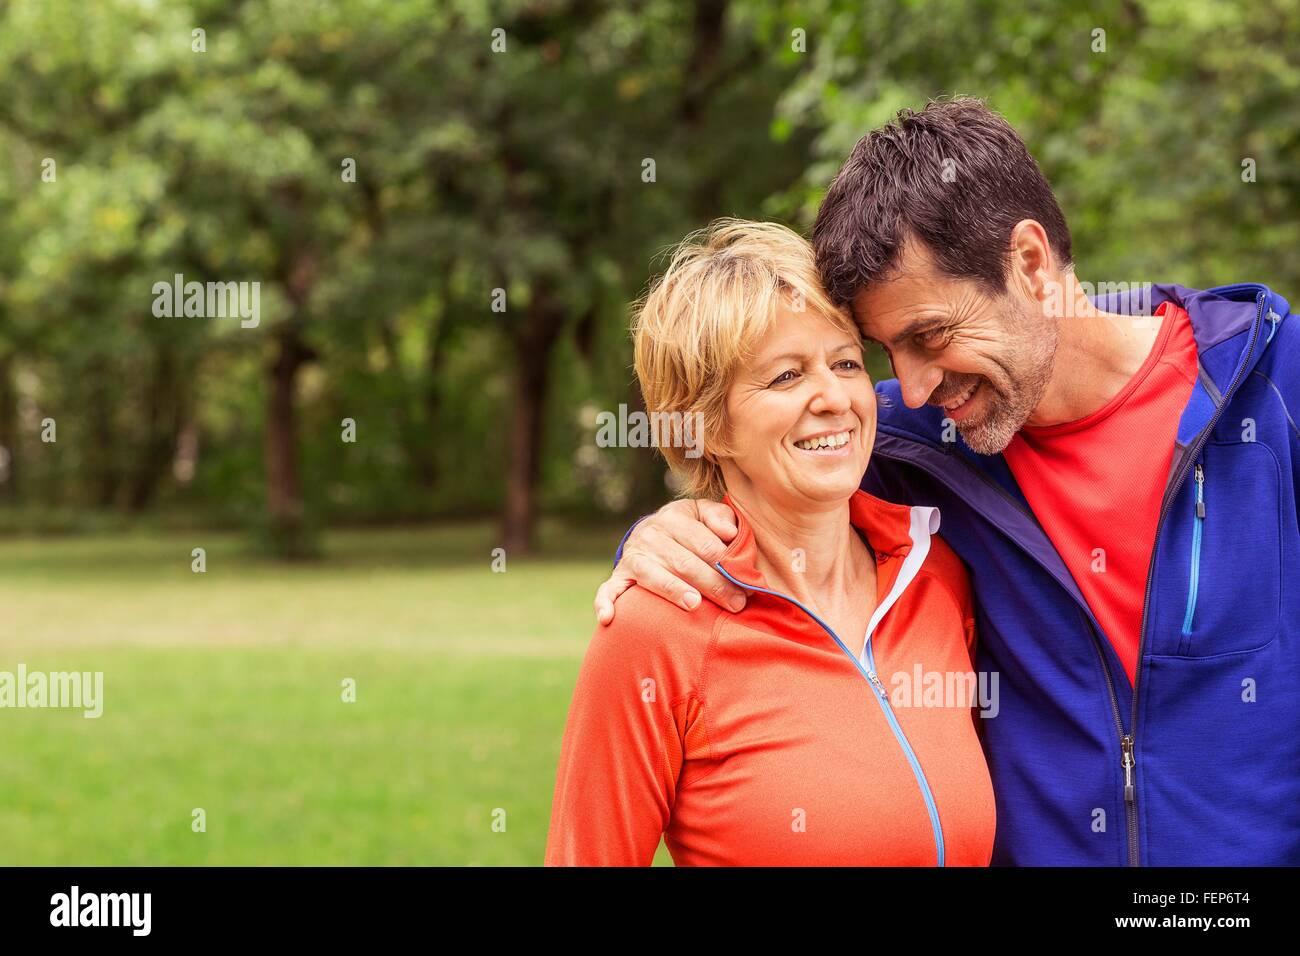 Einige tragen Sport-Bekleidung, Outdoor, Umarmungen, Lächeln Stockbild